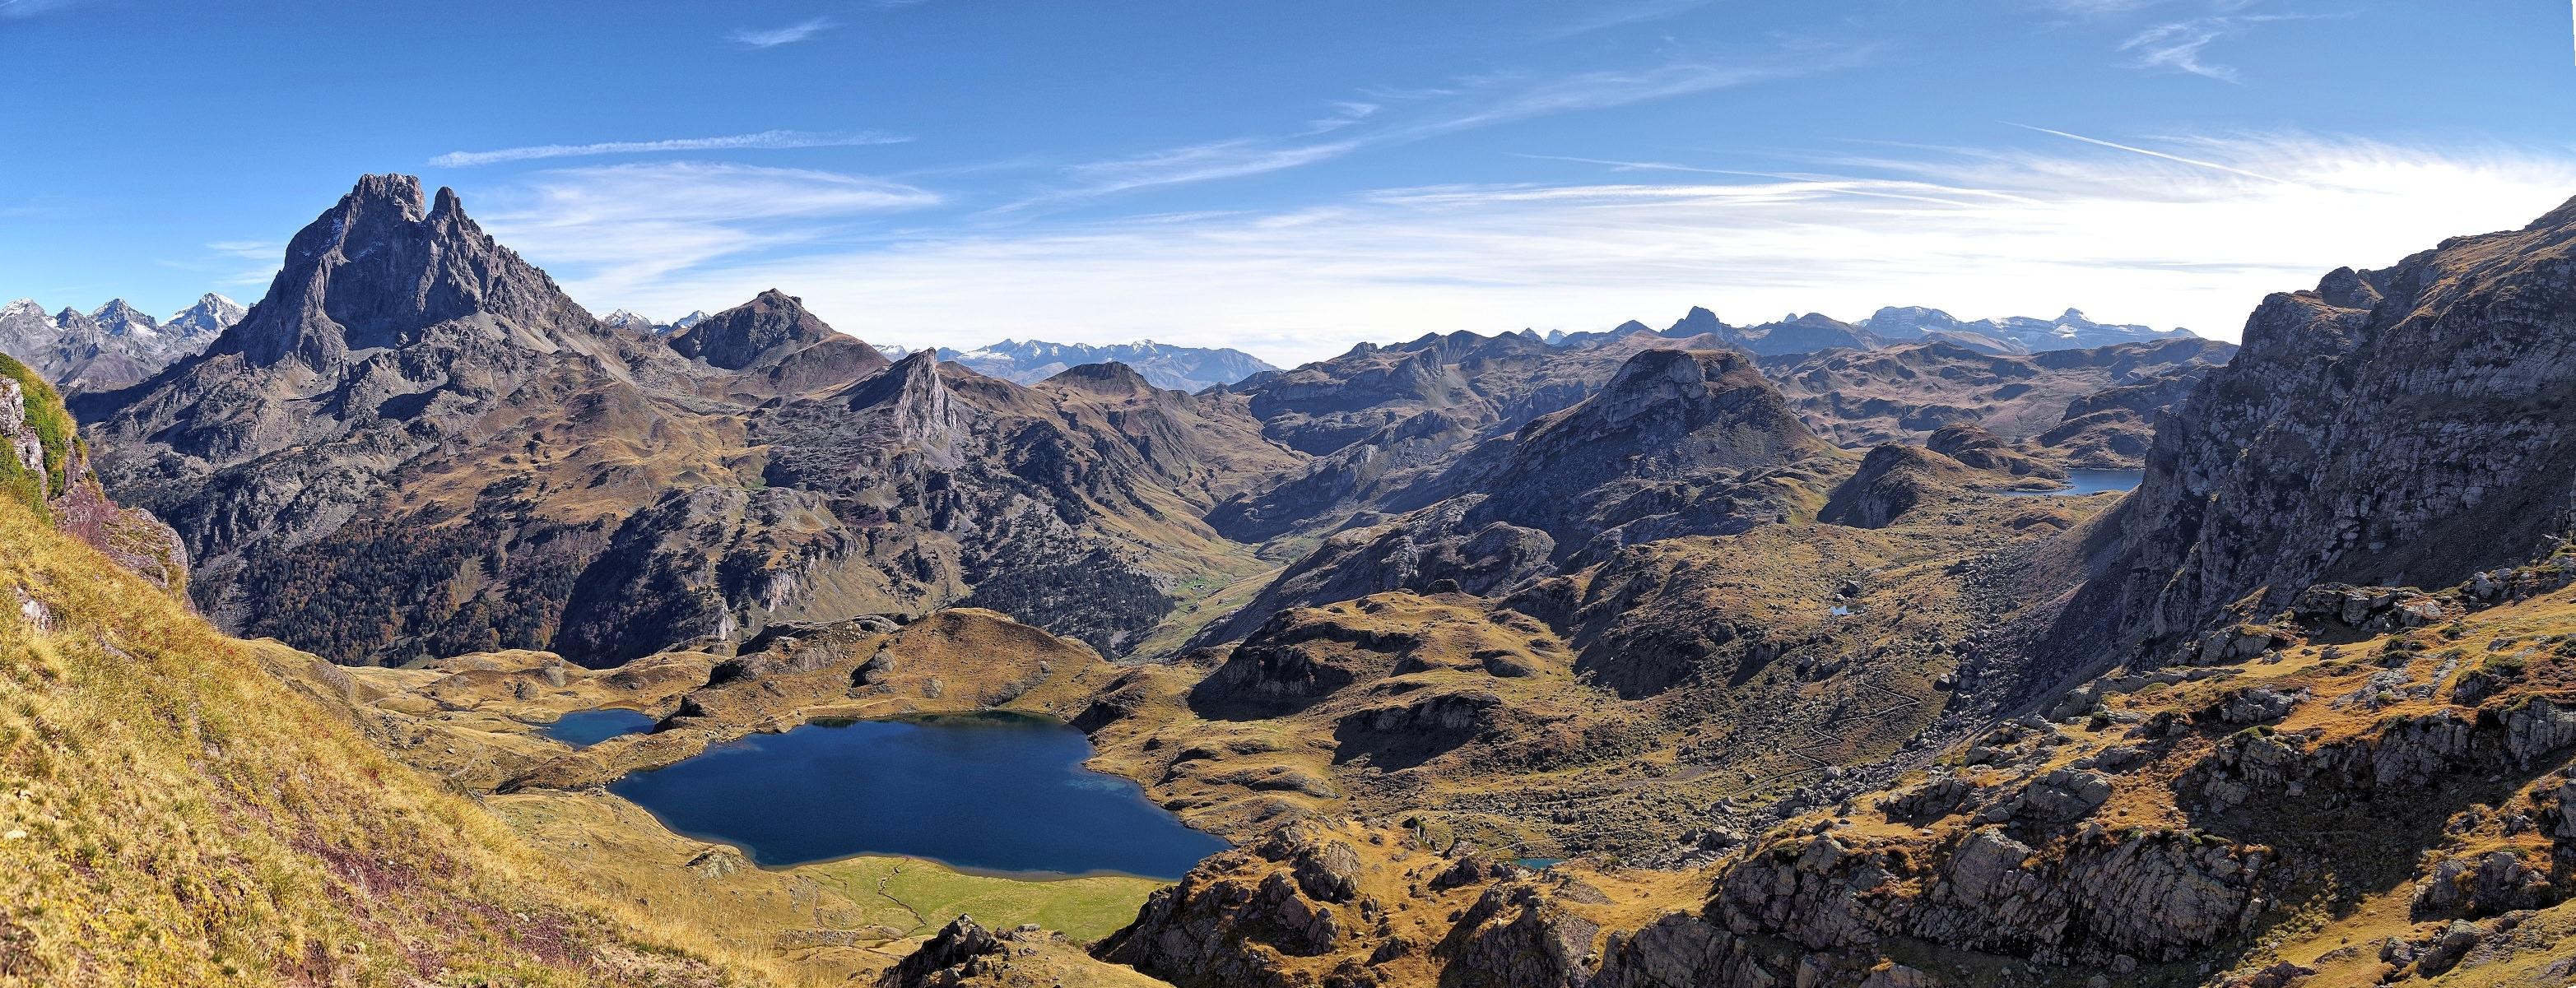 Le lac d'Ayous devant le Pic du Midi d'Ossau